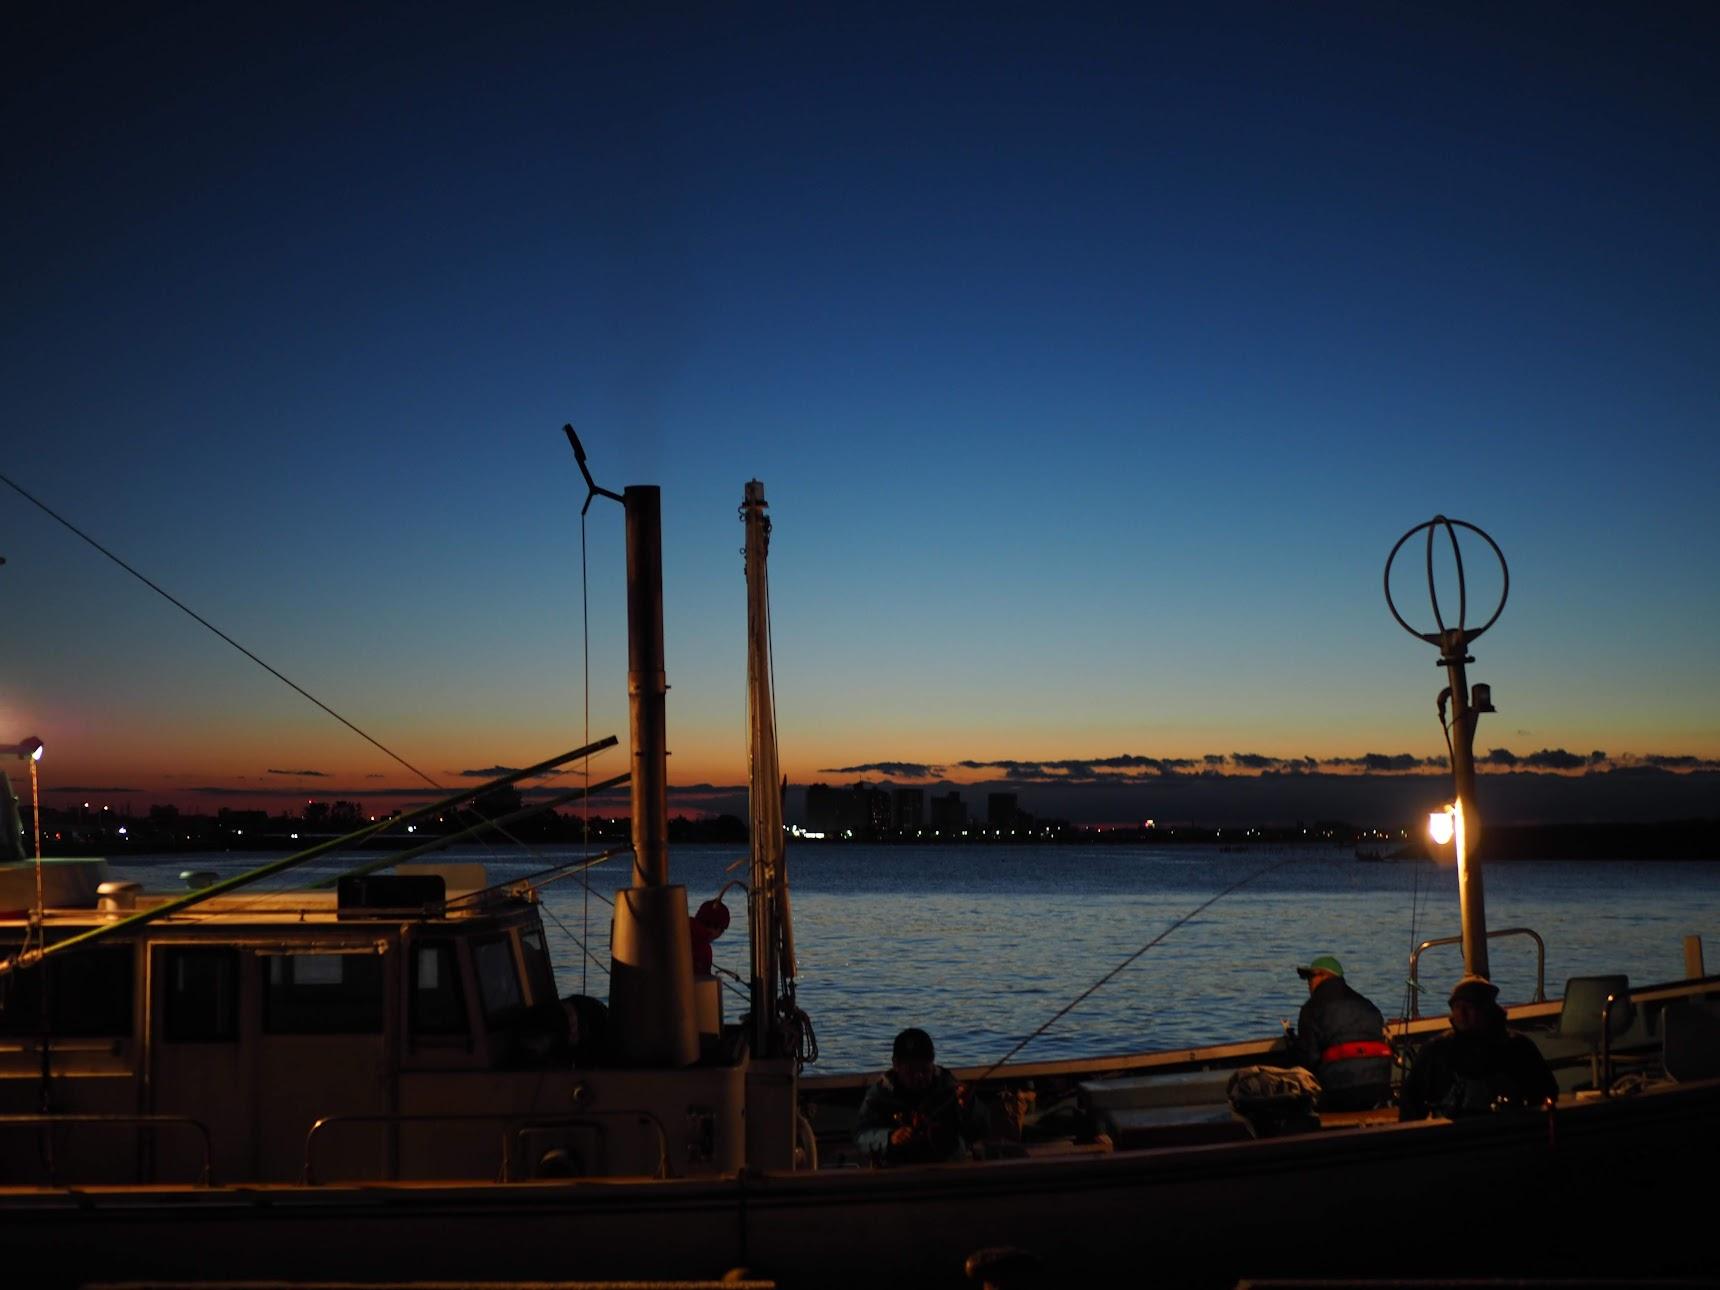 浜名湖で出船待ちする釣り人たち